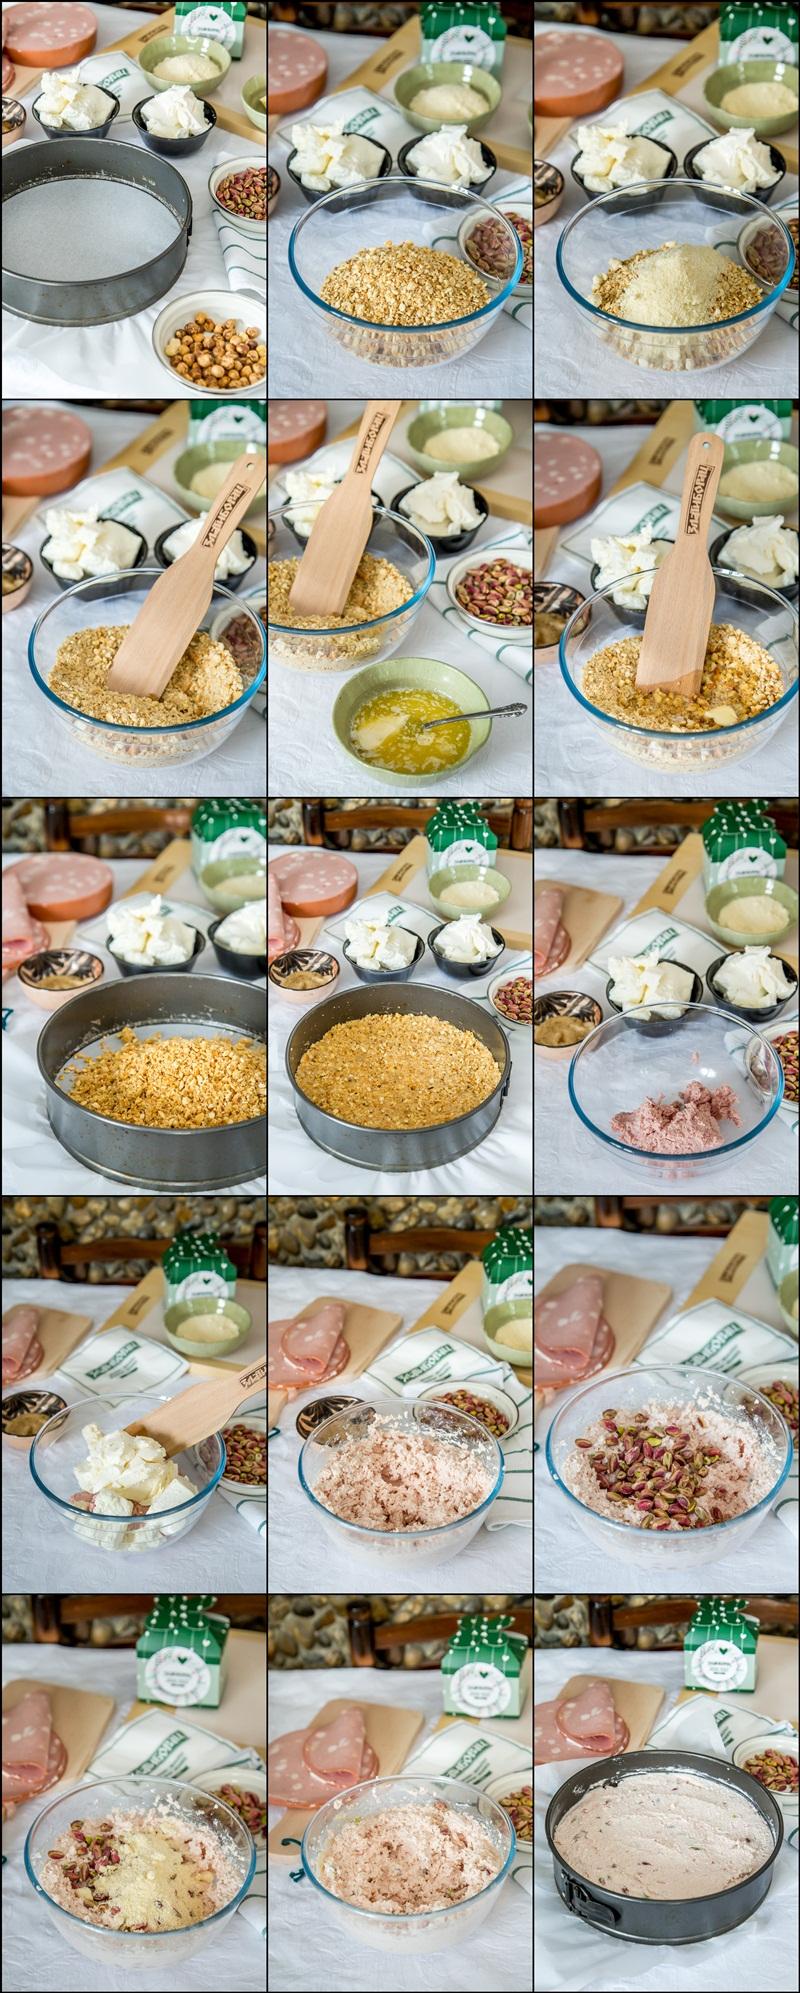 postupak izrade slane torte sa mortadelom